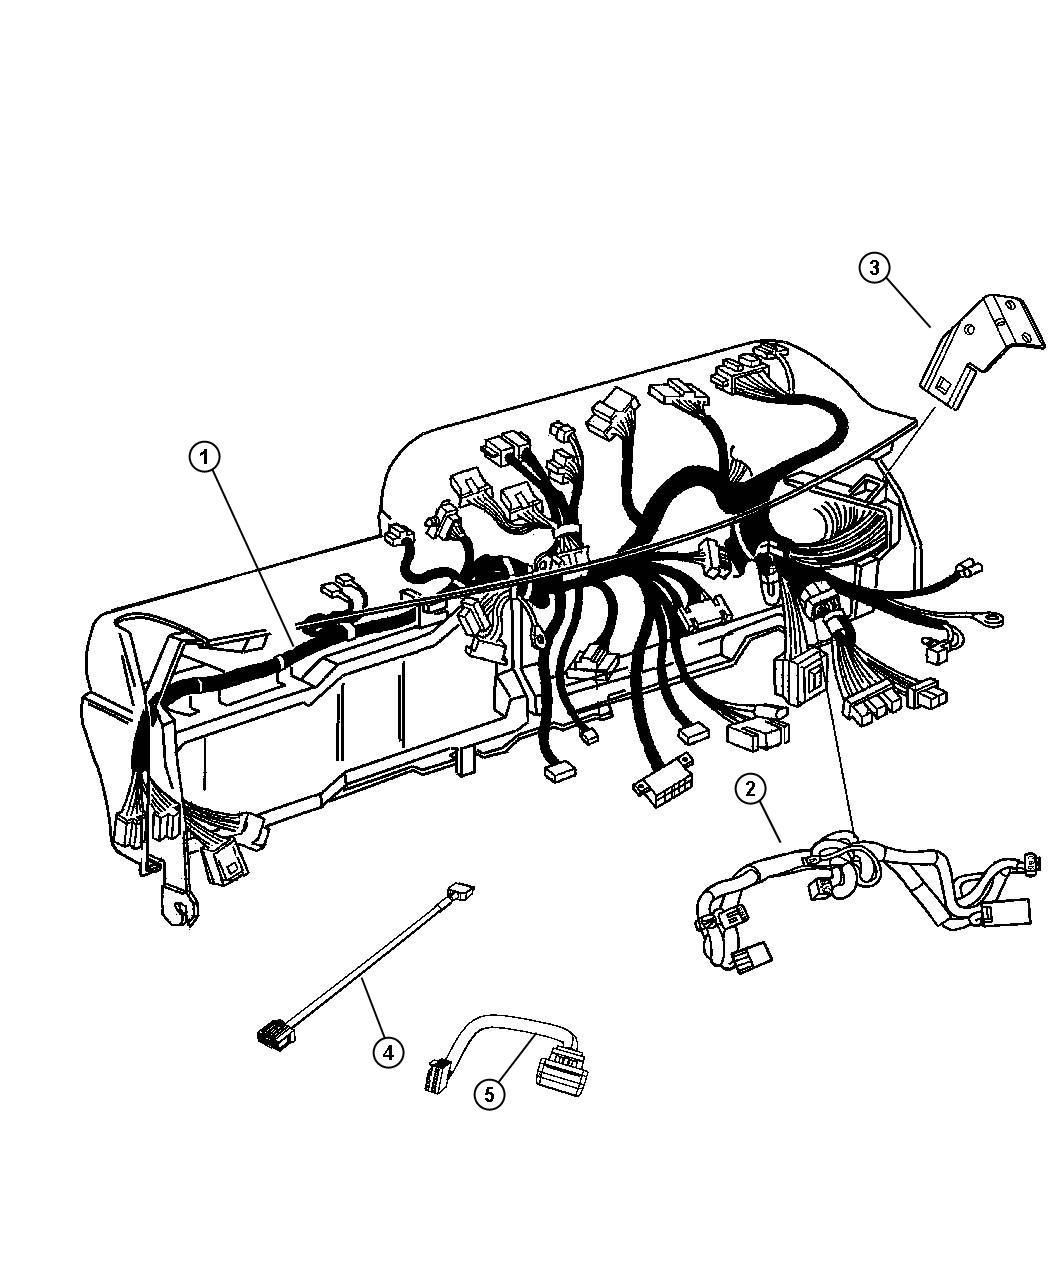 tags: #cub cadet 1045 wiring diagram#1862 cub cadet wiring diagram#cub cadet  1650 wiring diagram#cub cadet mower wiring diagram#cub cadet 147 wiring